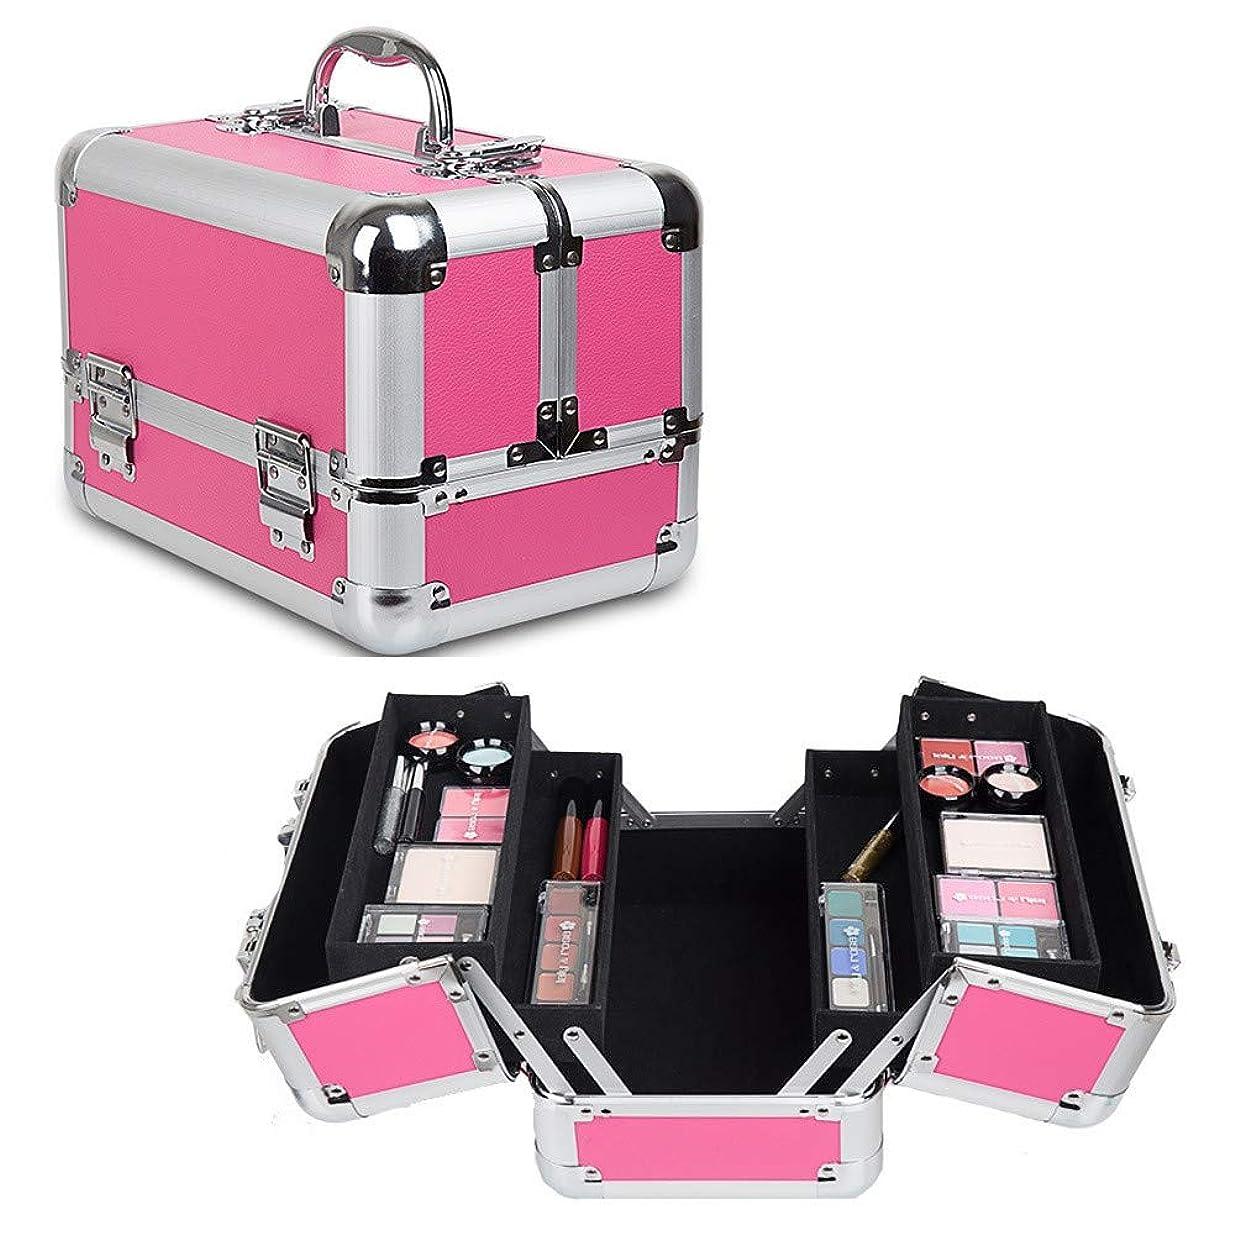 中央粒素朴な特大スペース収納ビューティーボックス 美の構造のためそしてジッパーおよび折る皿が付いている女の子の女性旅行そして毎日の貯蔵のための高容量の携帯用化粧品袋 化粧品化粧台